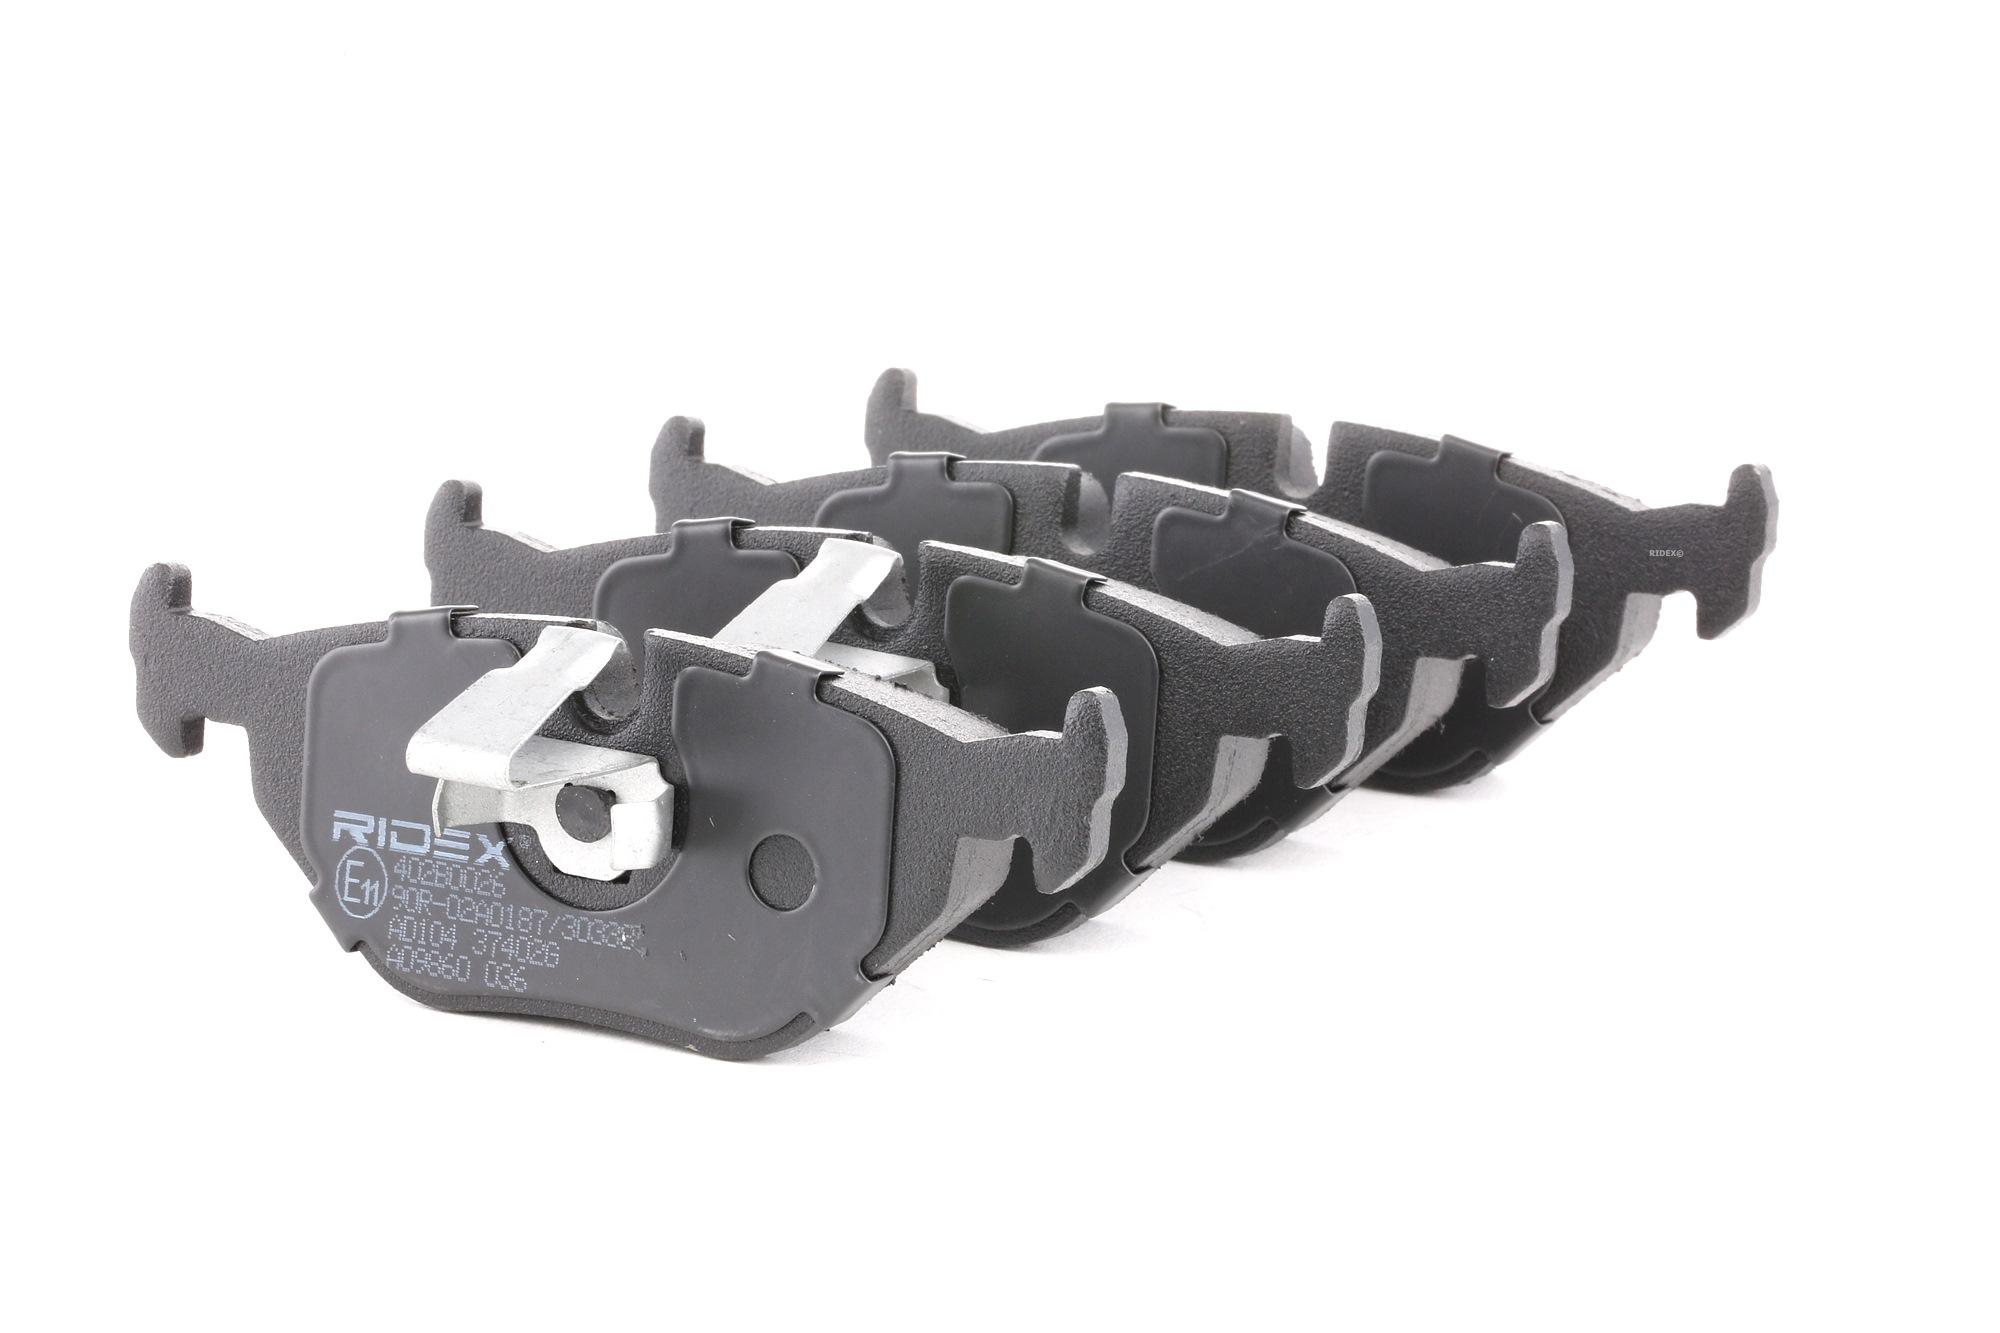 Bremsbelagsatz RIDEX 402B0026 Bewertung